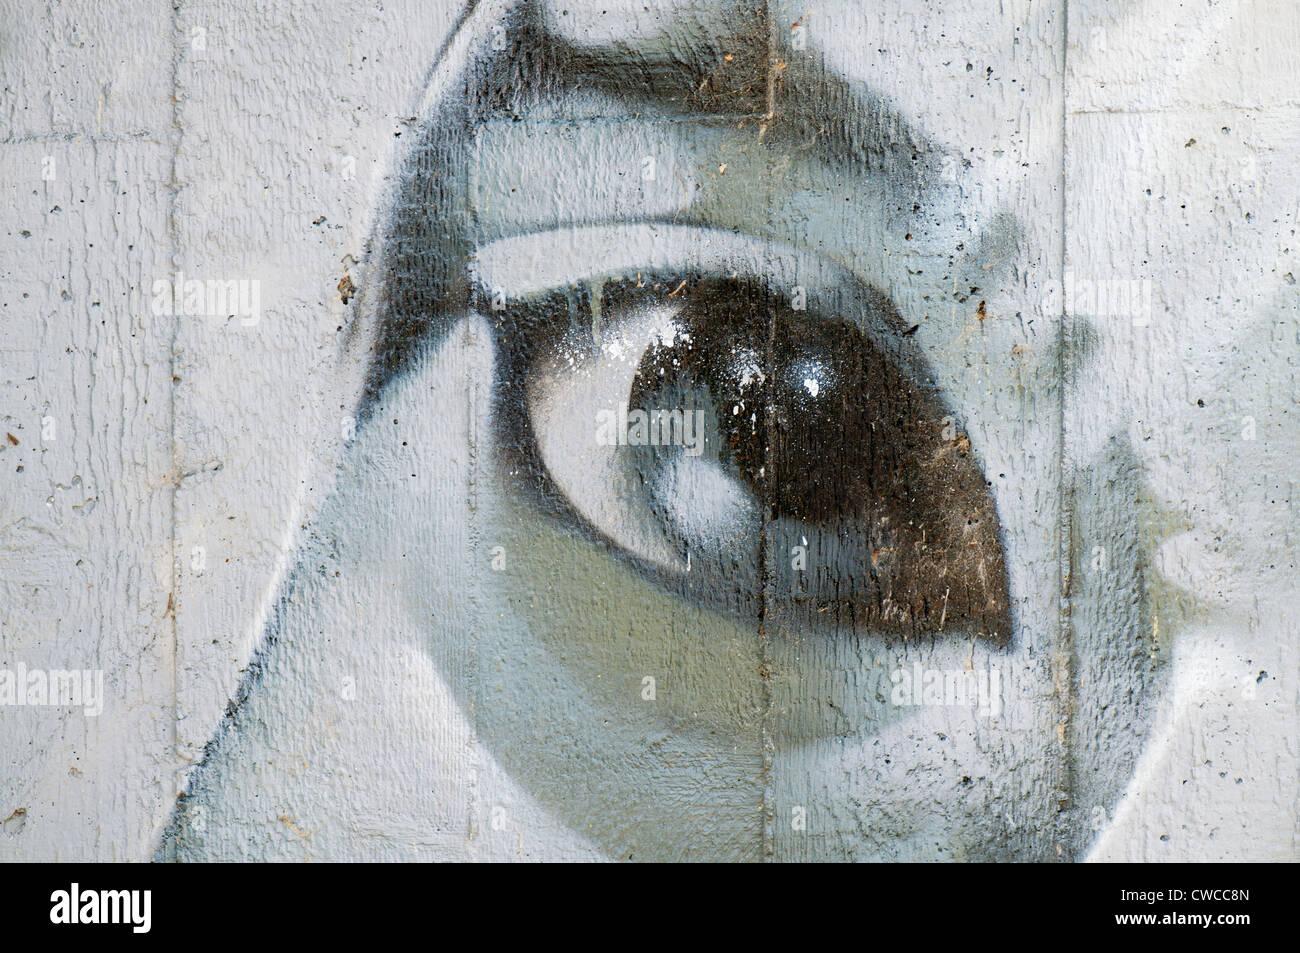 Dettaglio di un graffiti dipinta su un muro di cemento. Immagini Stock